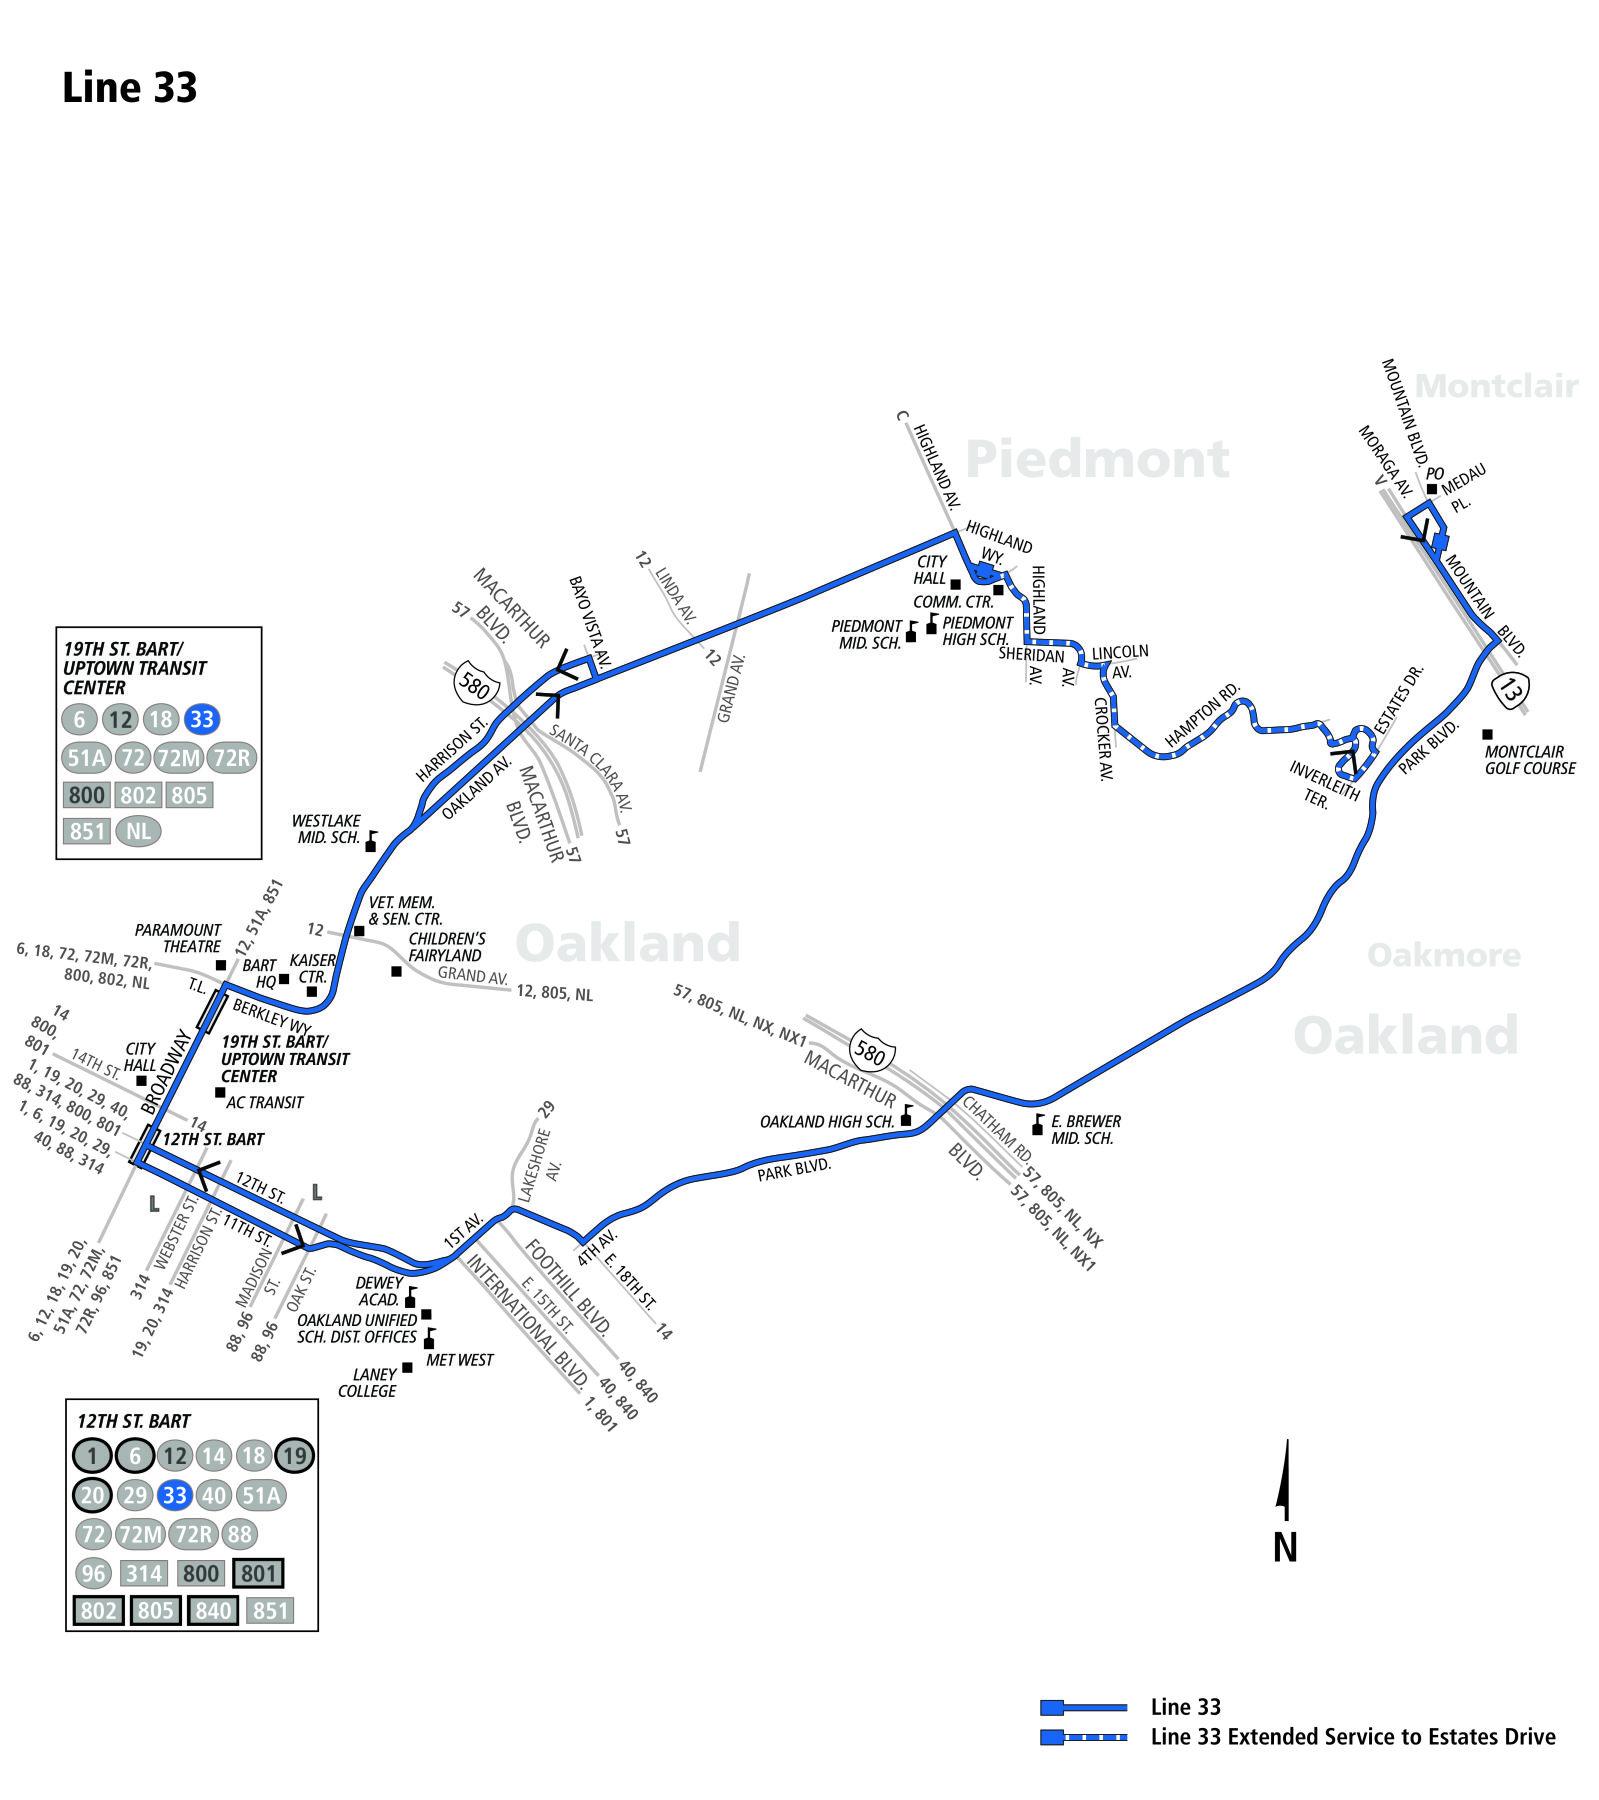 33 bus route - ac transit - sf bay transit